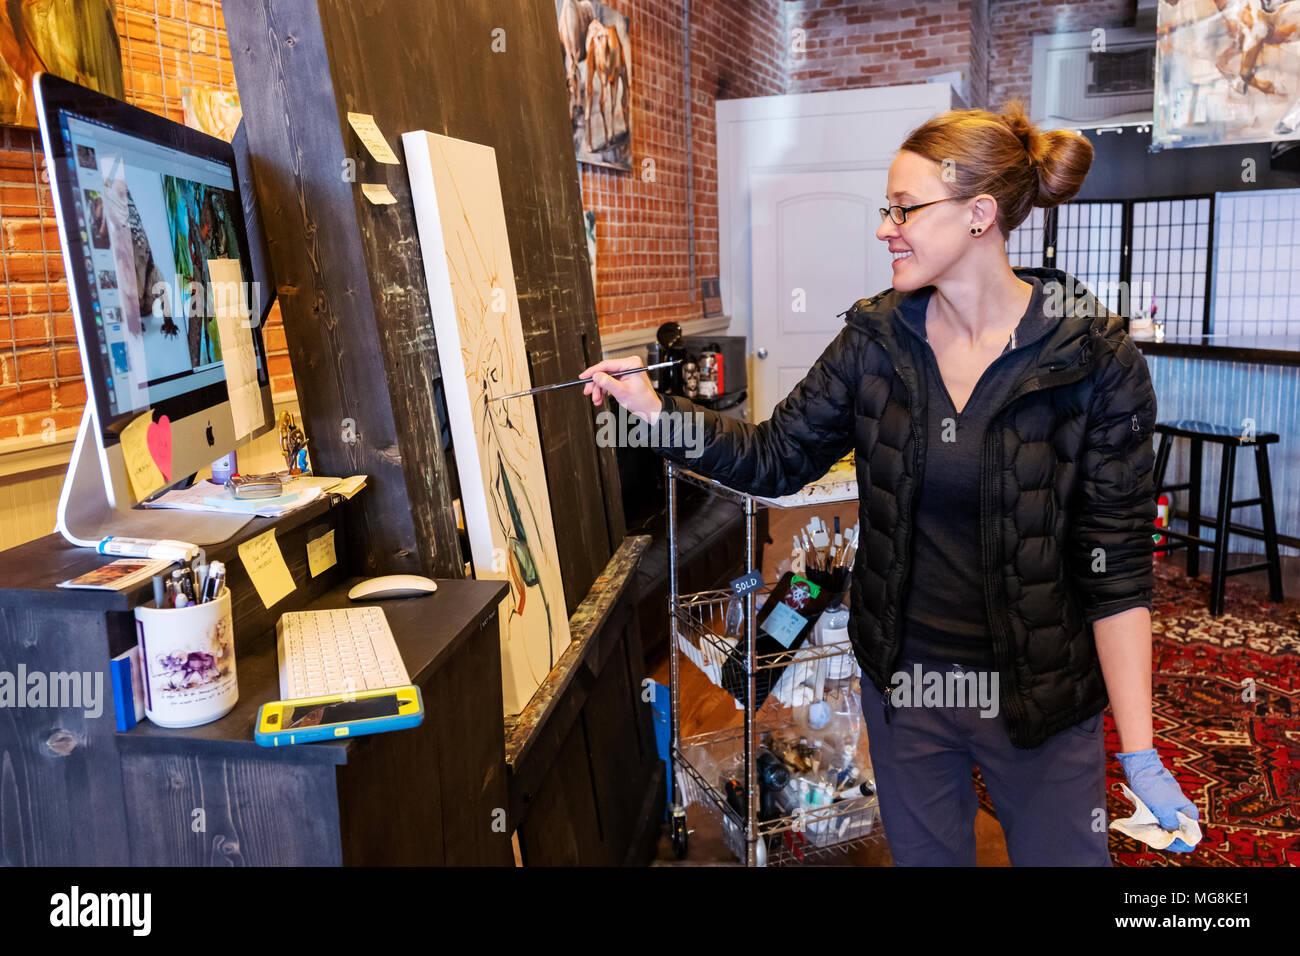 Ammenda artista Katie Maher fa riferimento a un'immagine del computer durante la creazione di un dipinto ad olio nella sua gallery; Salida; Colorado; USA Foto Stock